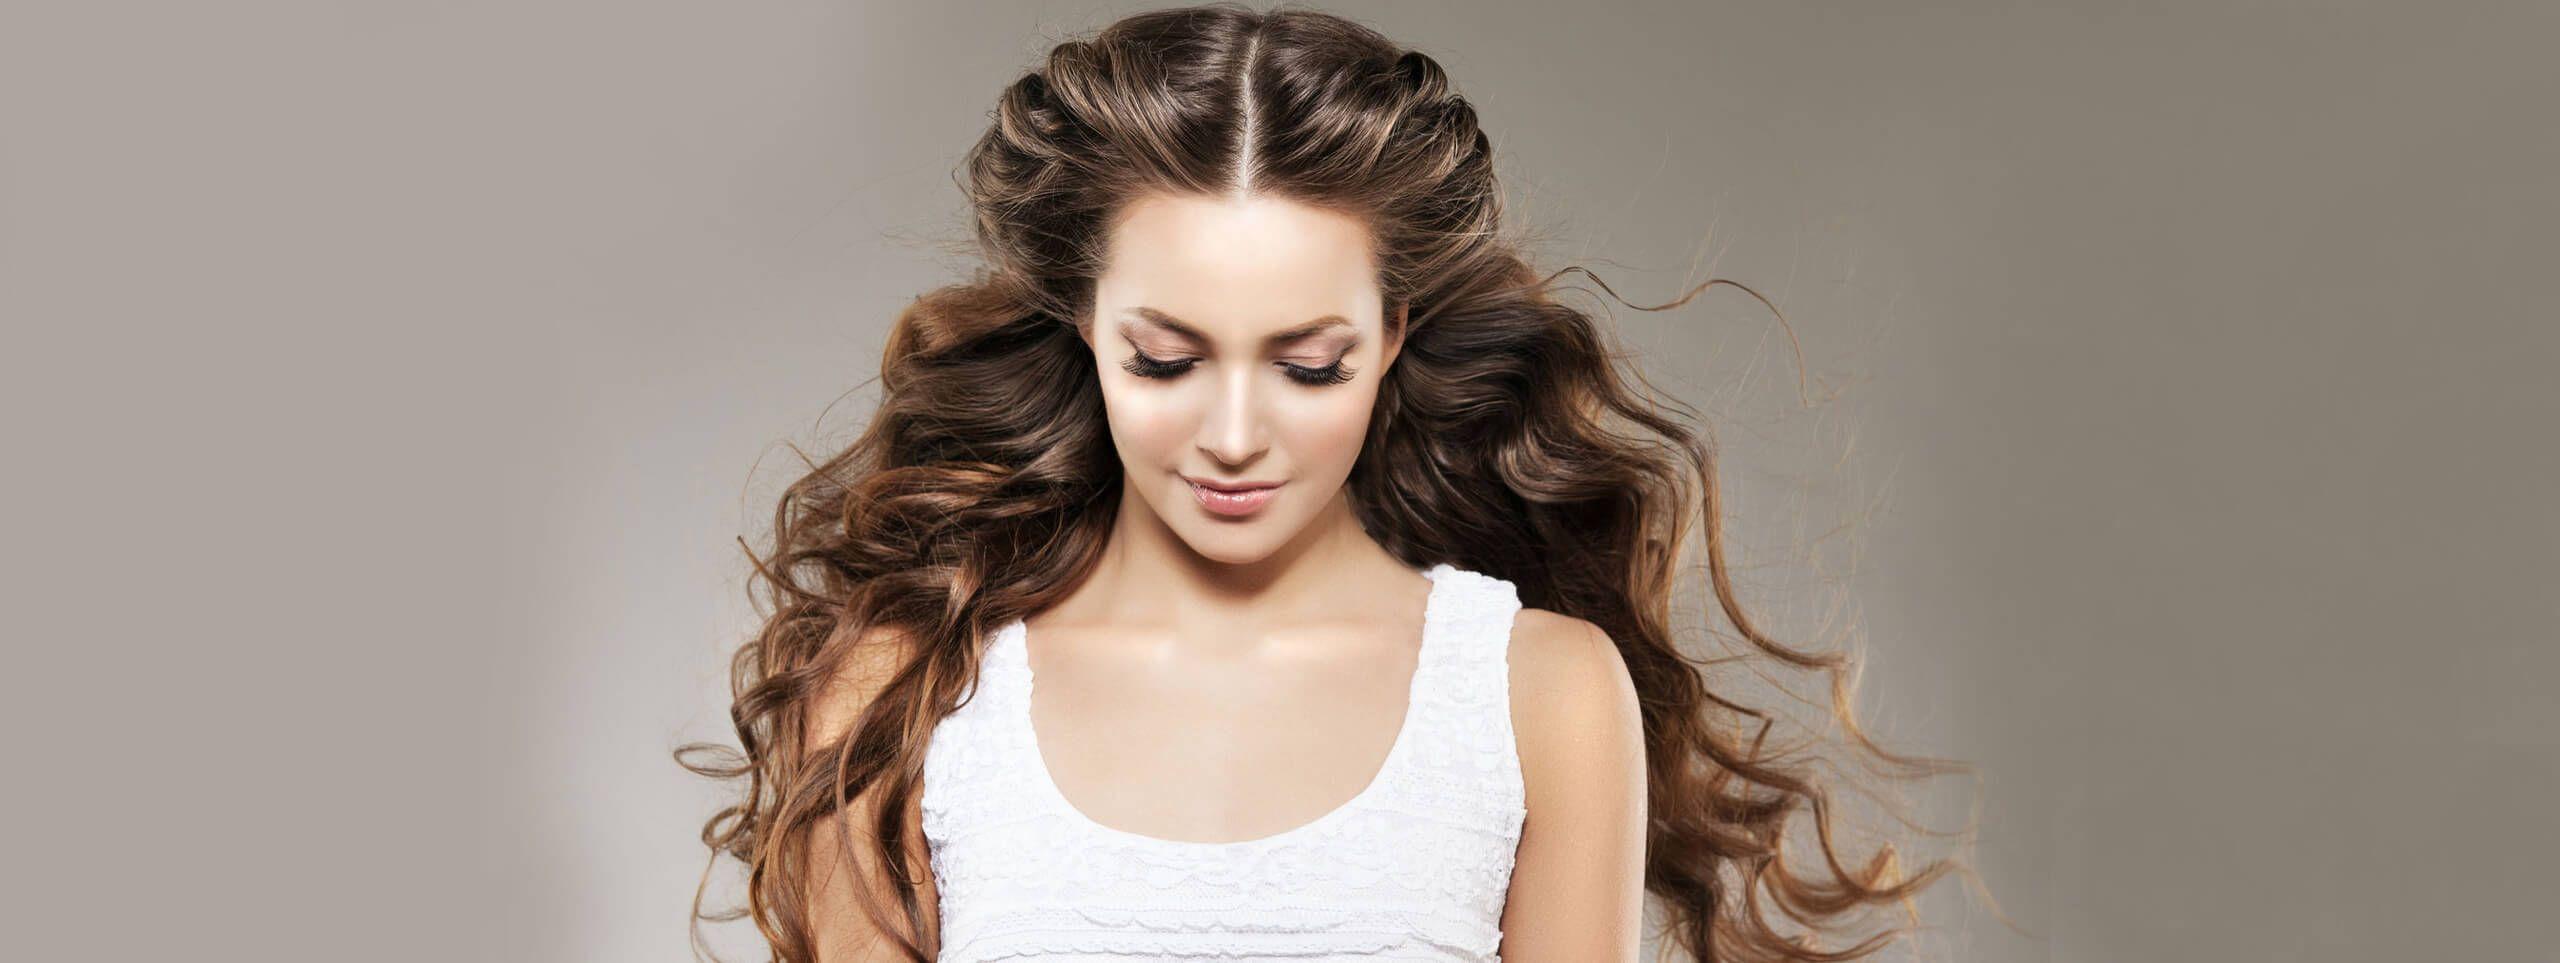 Kobieta z długimi pełnymi objętości brązowymi falowanymi włosami